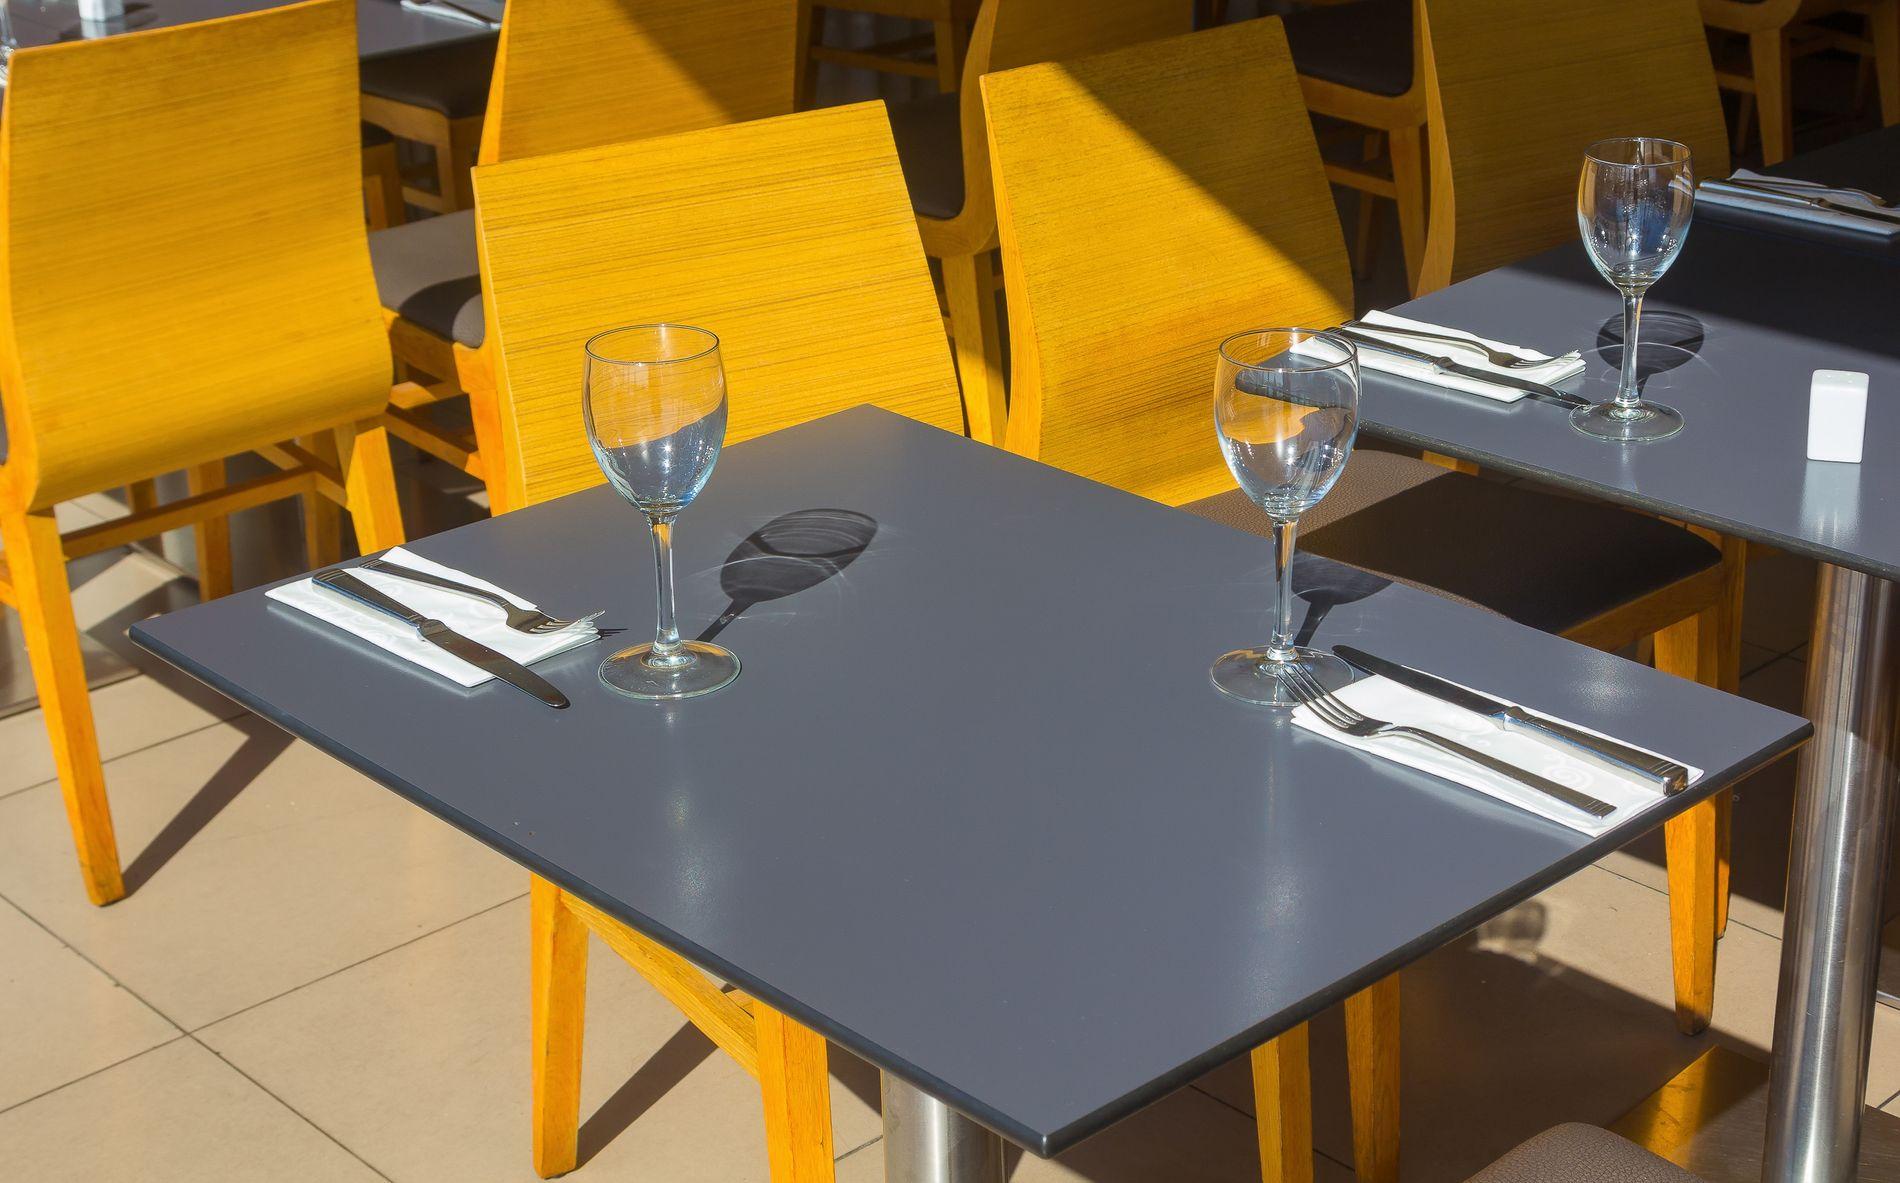 TETT I TETT: Restaurantene har det med å plassere bordene særdeles tett, og av og til kan det bli i kleineste laget.